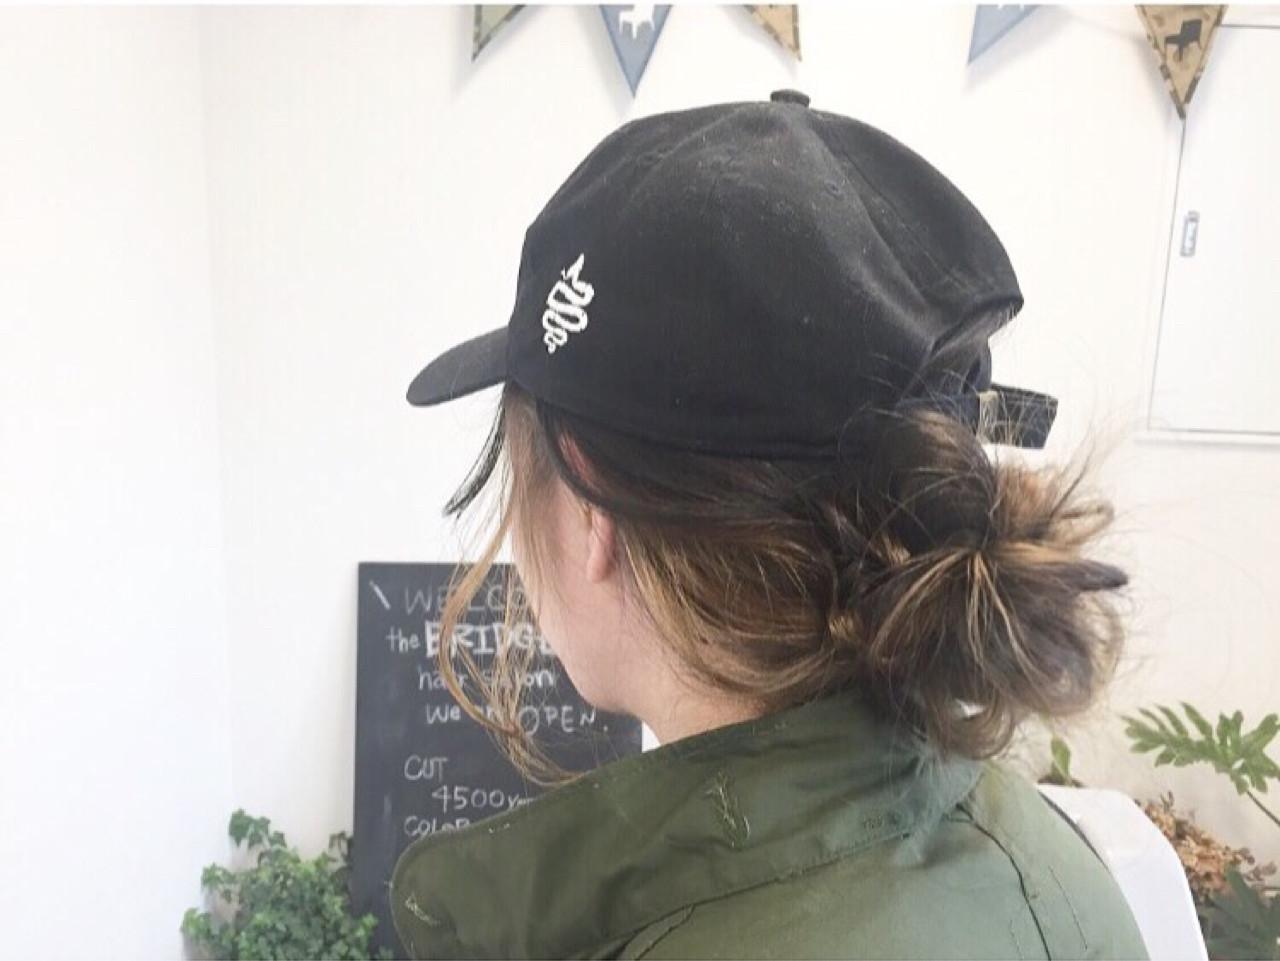 キャップと相性が良い髪型は?とっておき可愛いヘアスタイルをPickUp 三木 康平